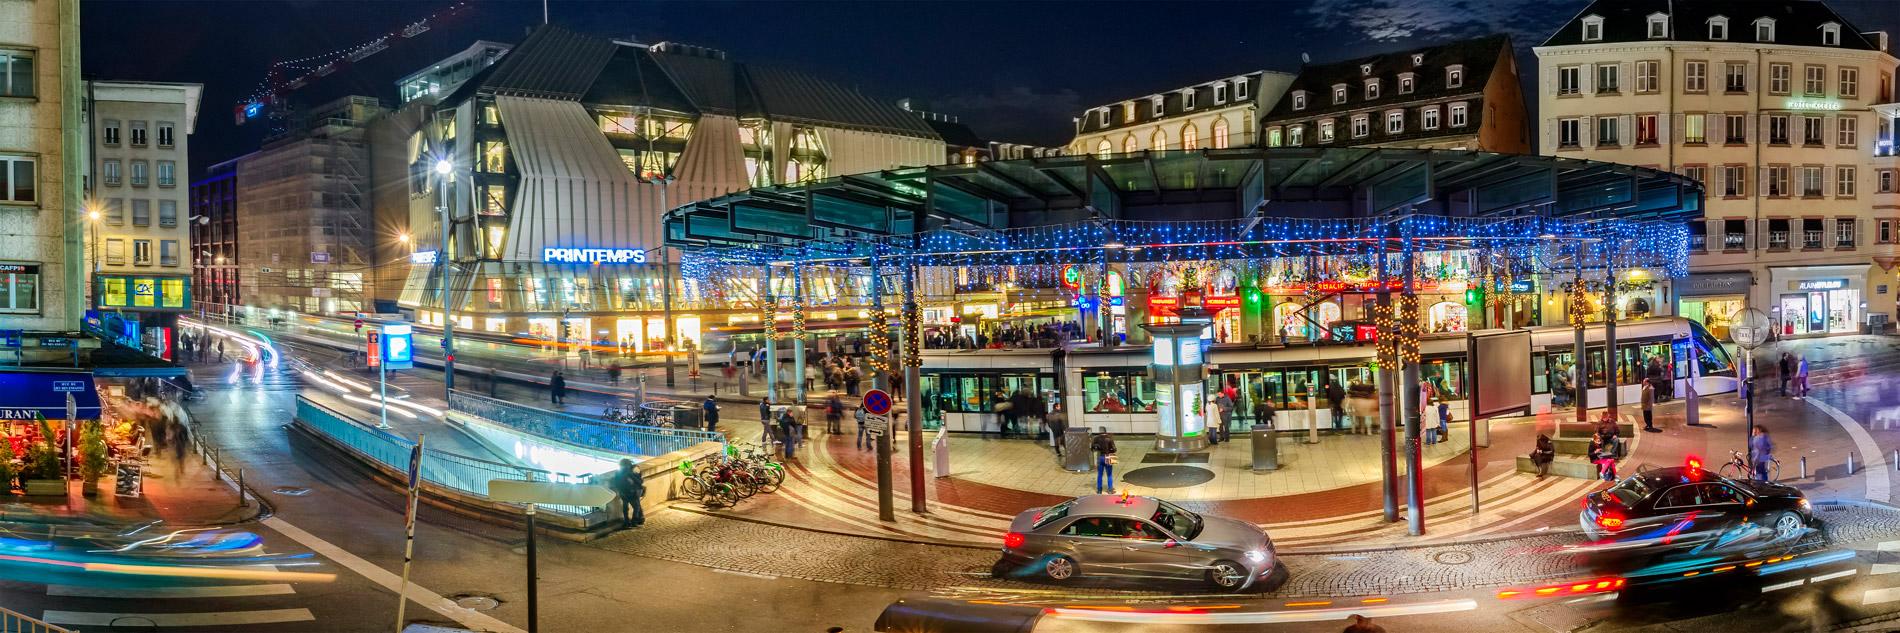 Strasbourg Place de l'Homme de Fer